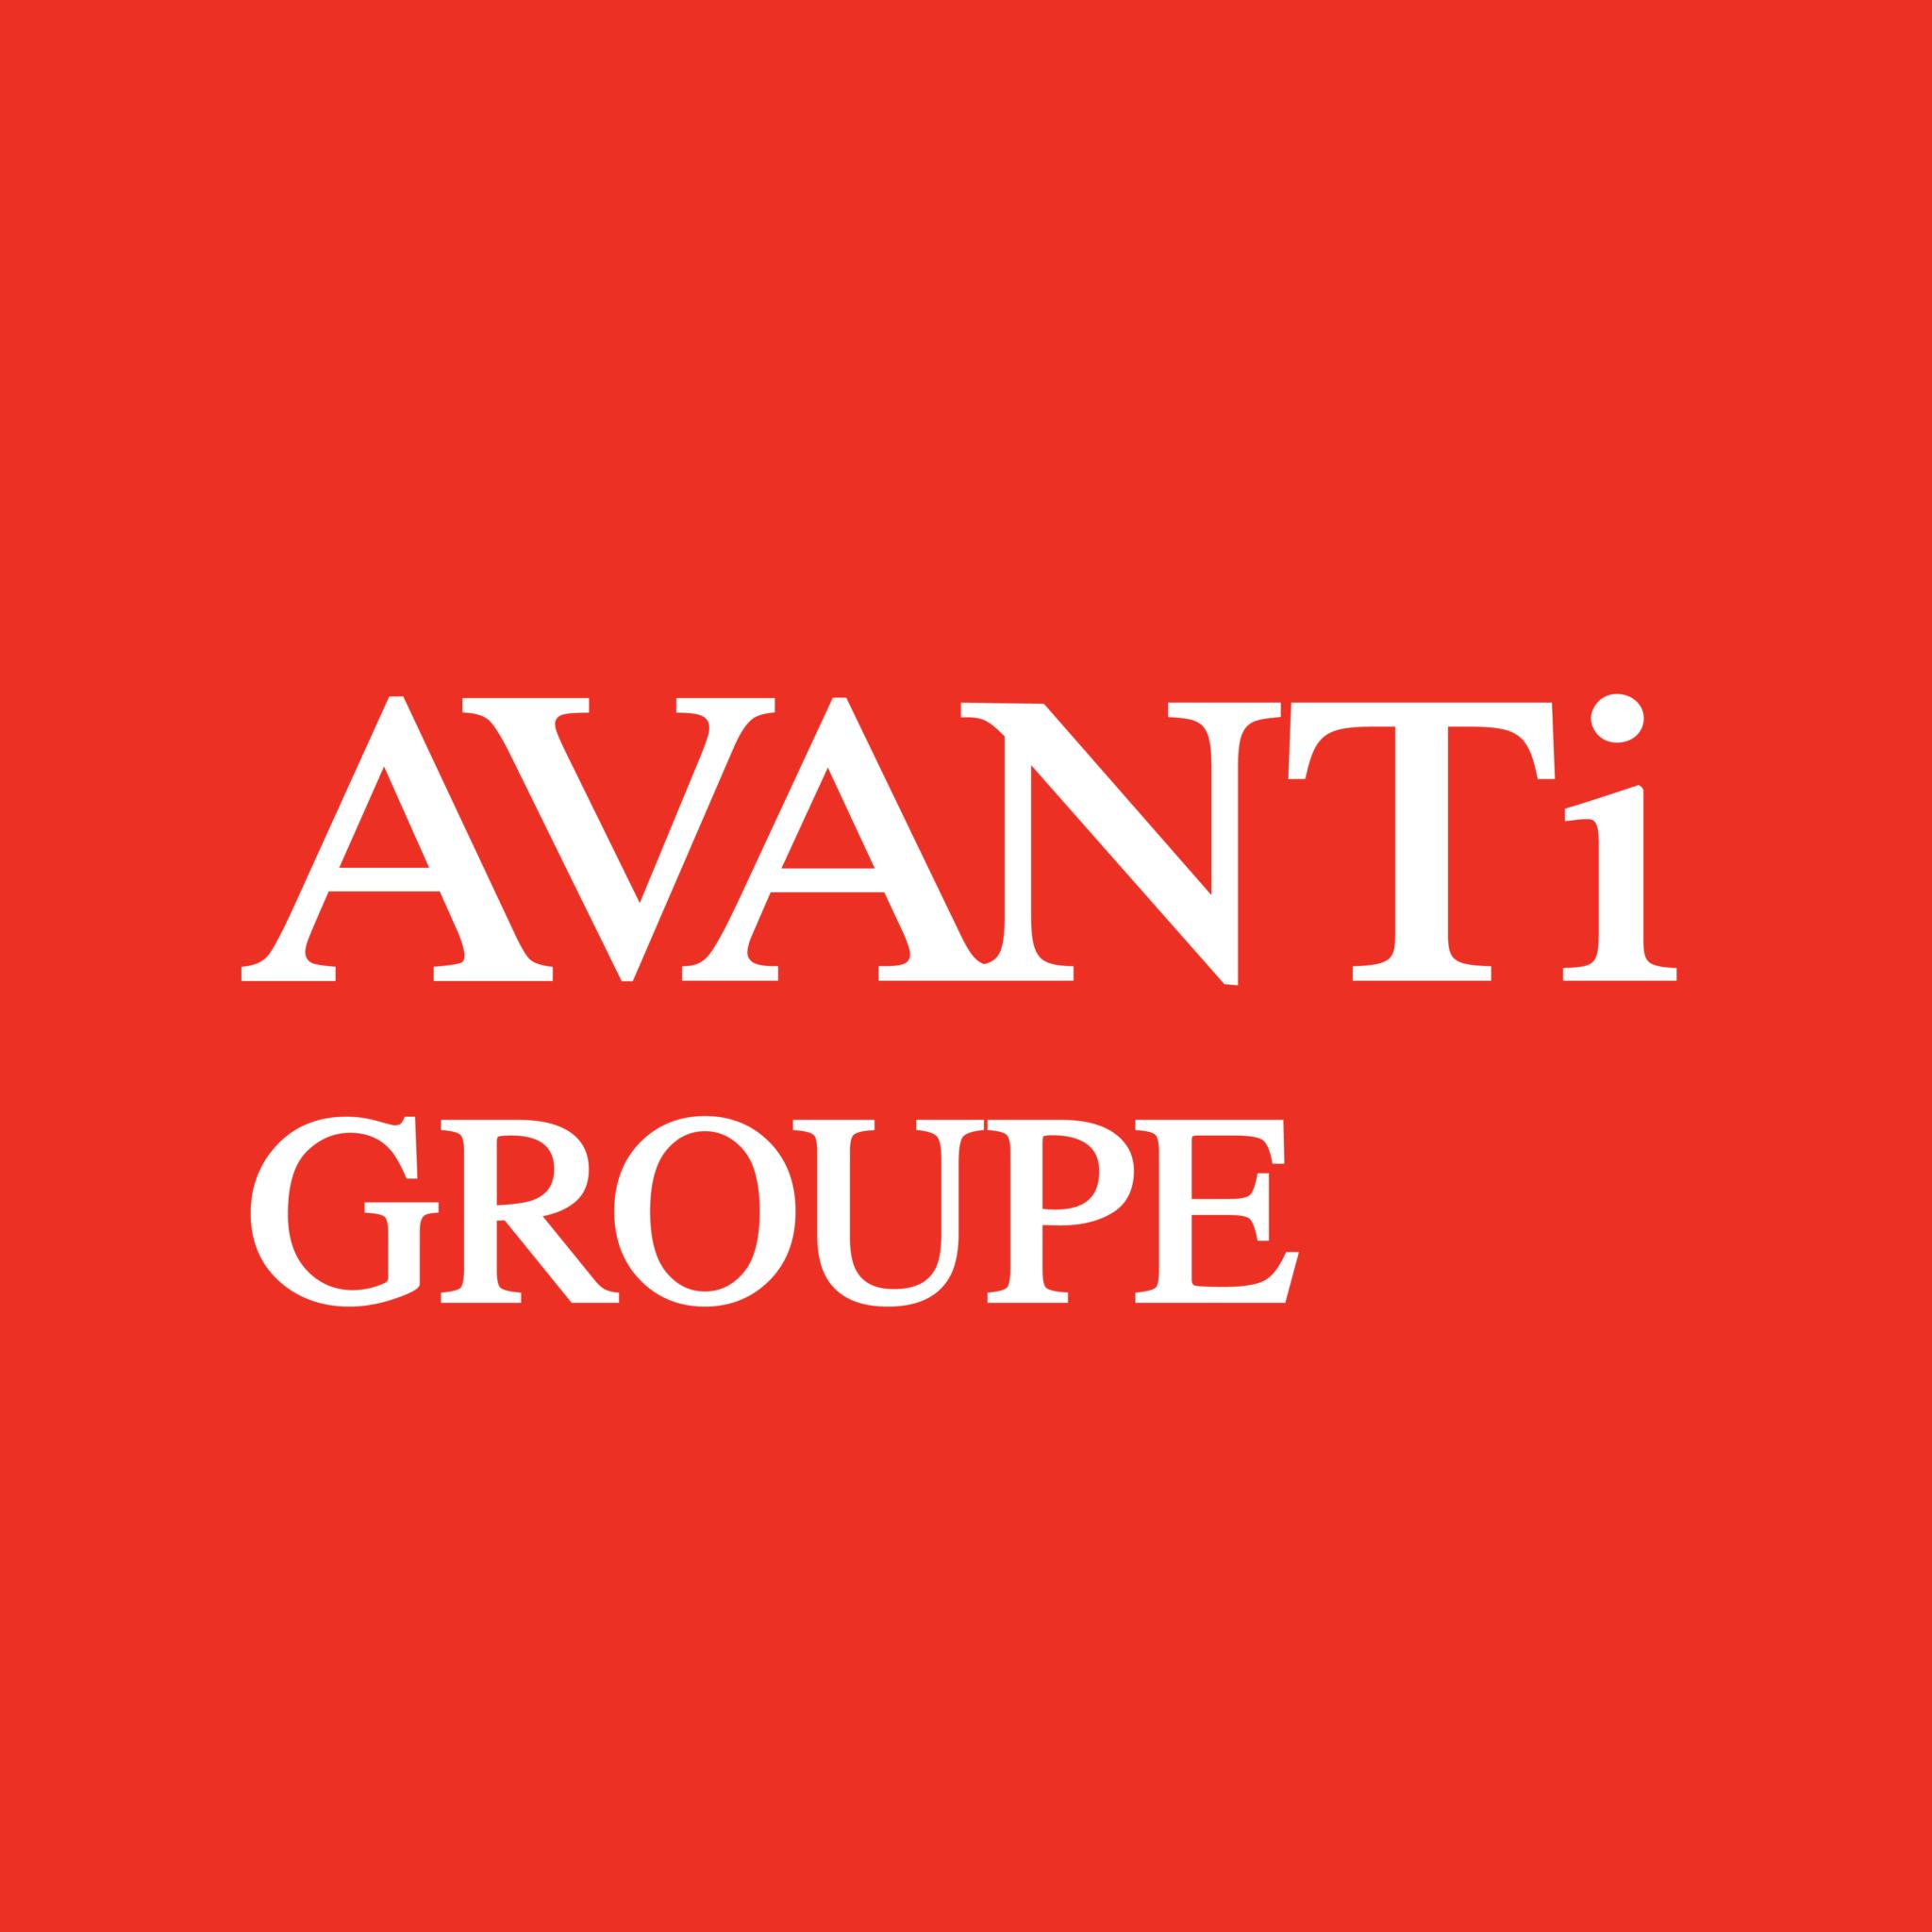 Avanti Groupe : Une seule image pour les divisions télévision, scène et distribution